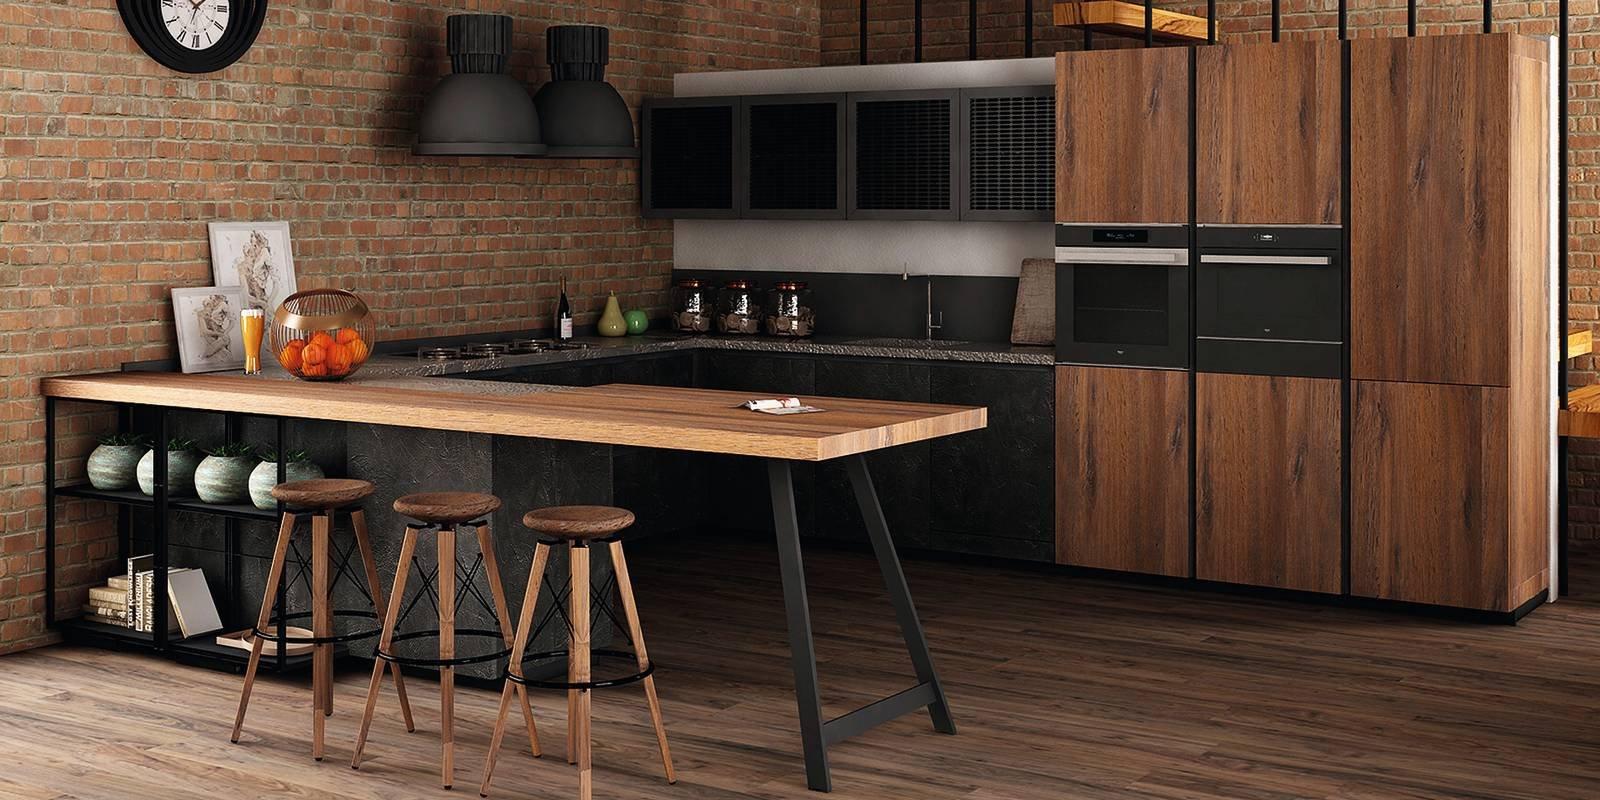 Cucine industriali scegliere i mobili le lampade le - Cucine a ferro di cavallo ...